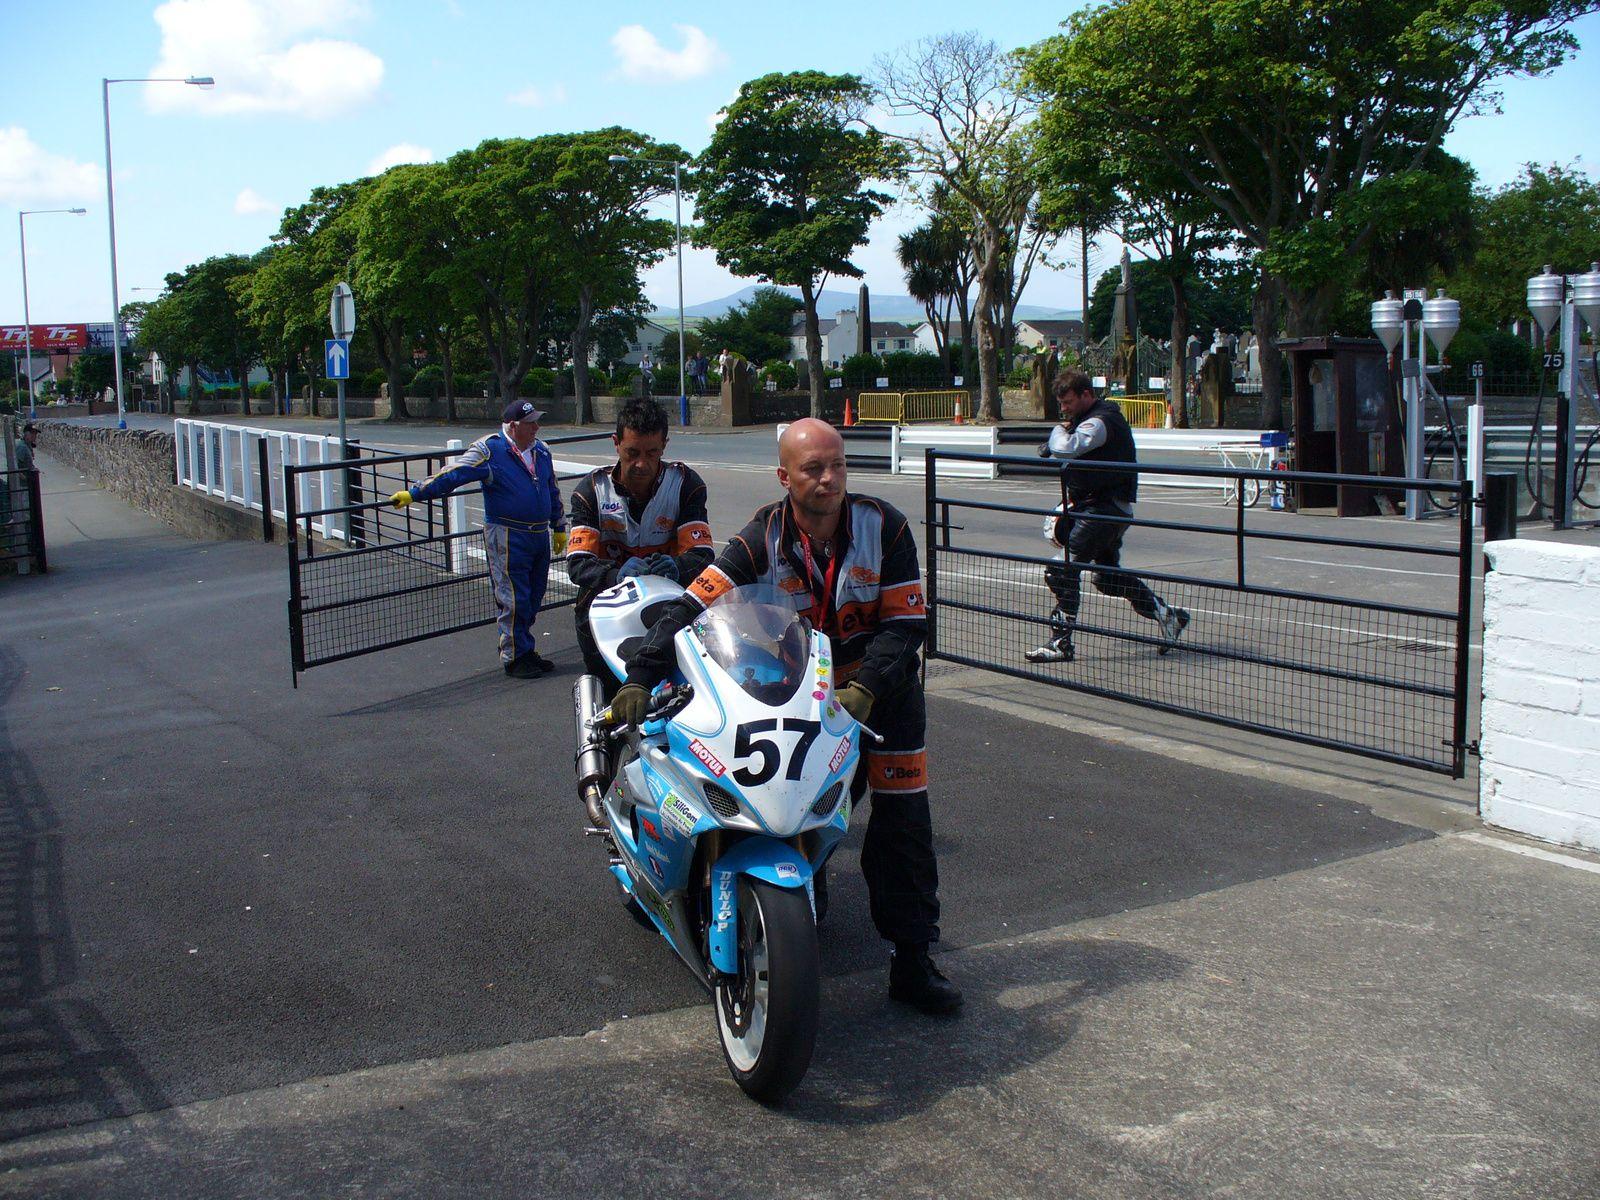 Mig et son abandon au Senior TT puis l'apéro des français ou il n'a pas abandonné...